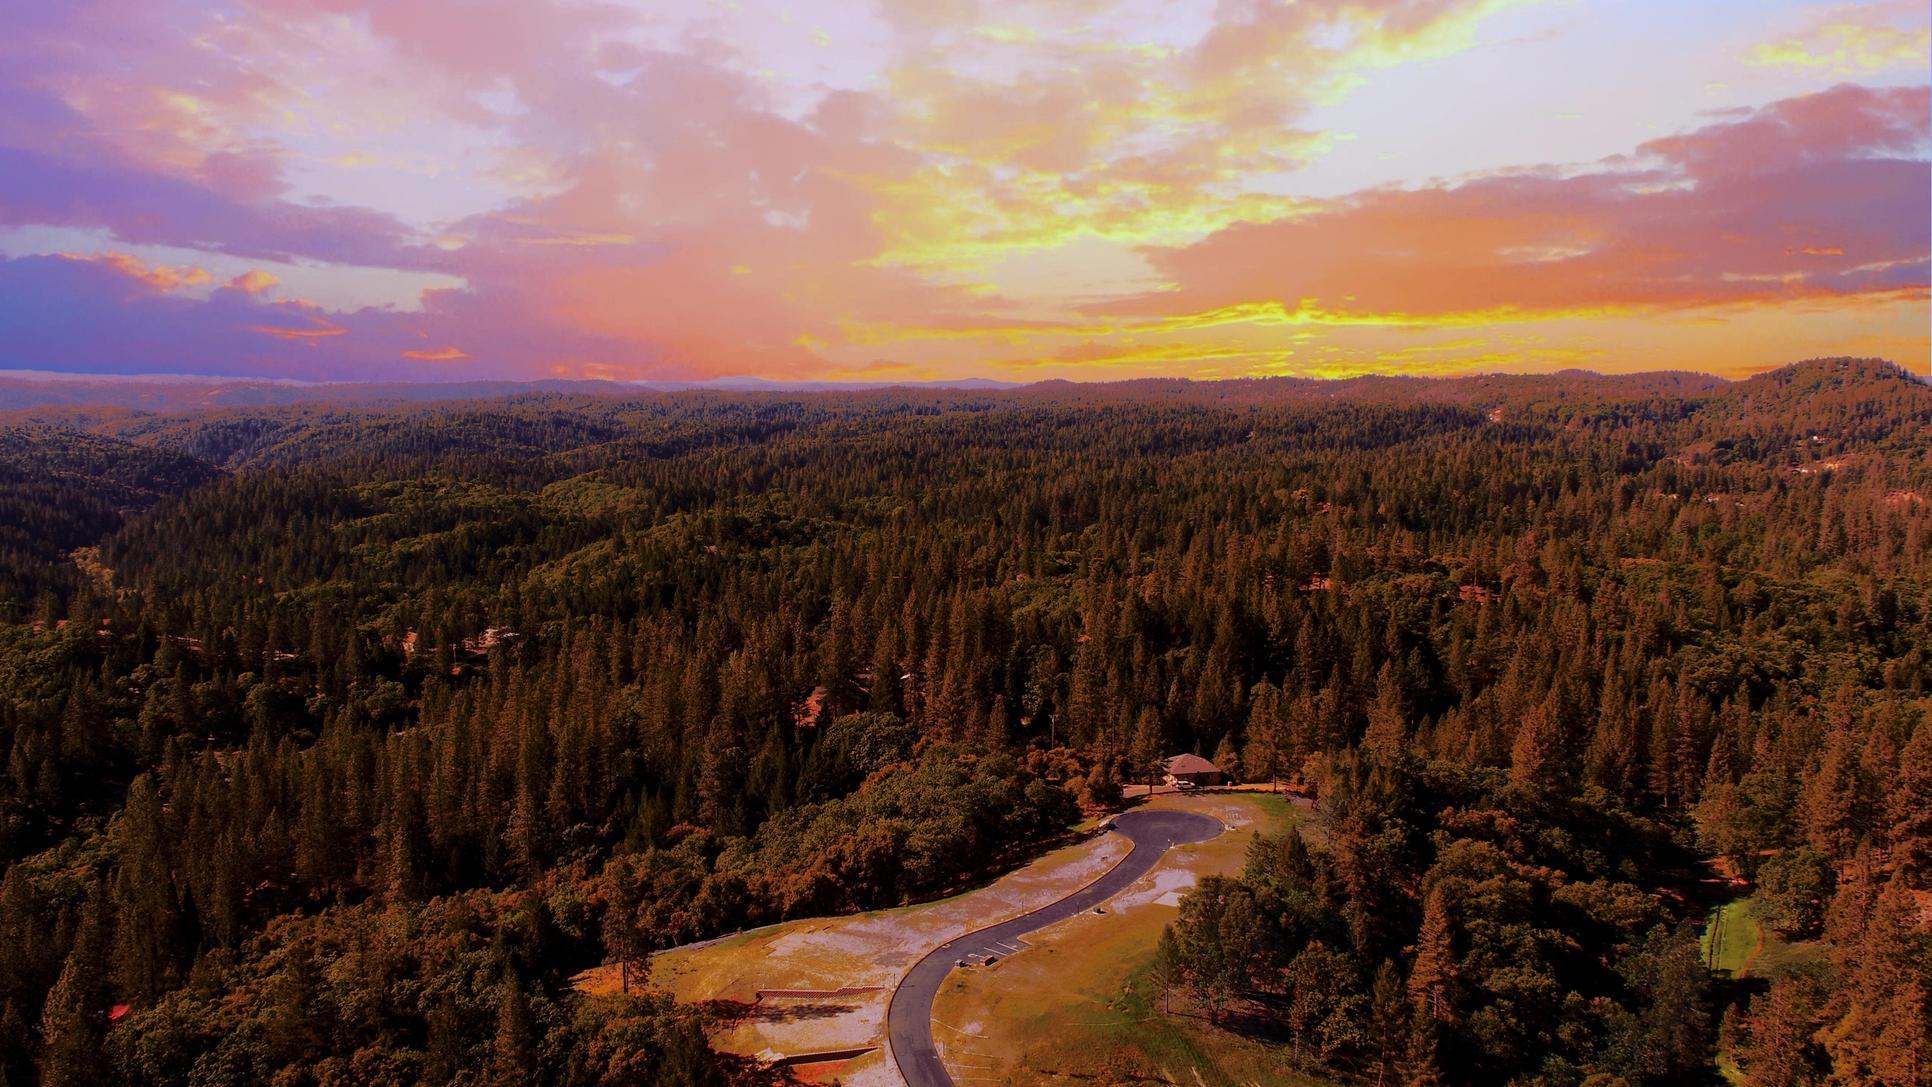 Sierra Oaks